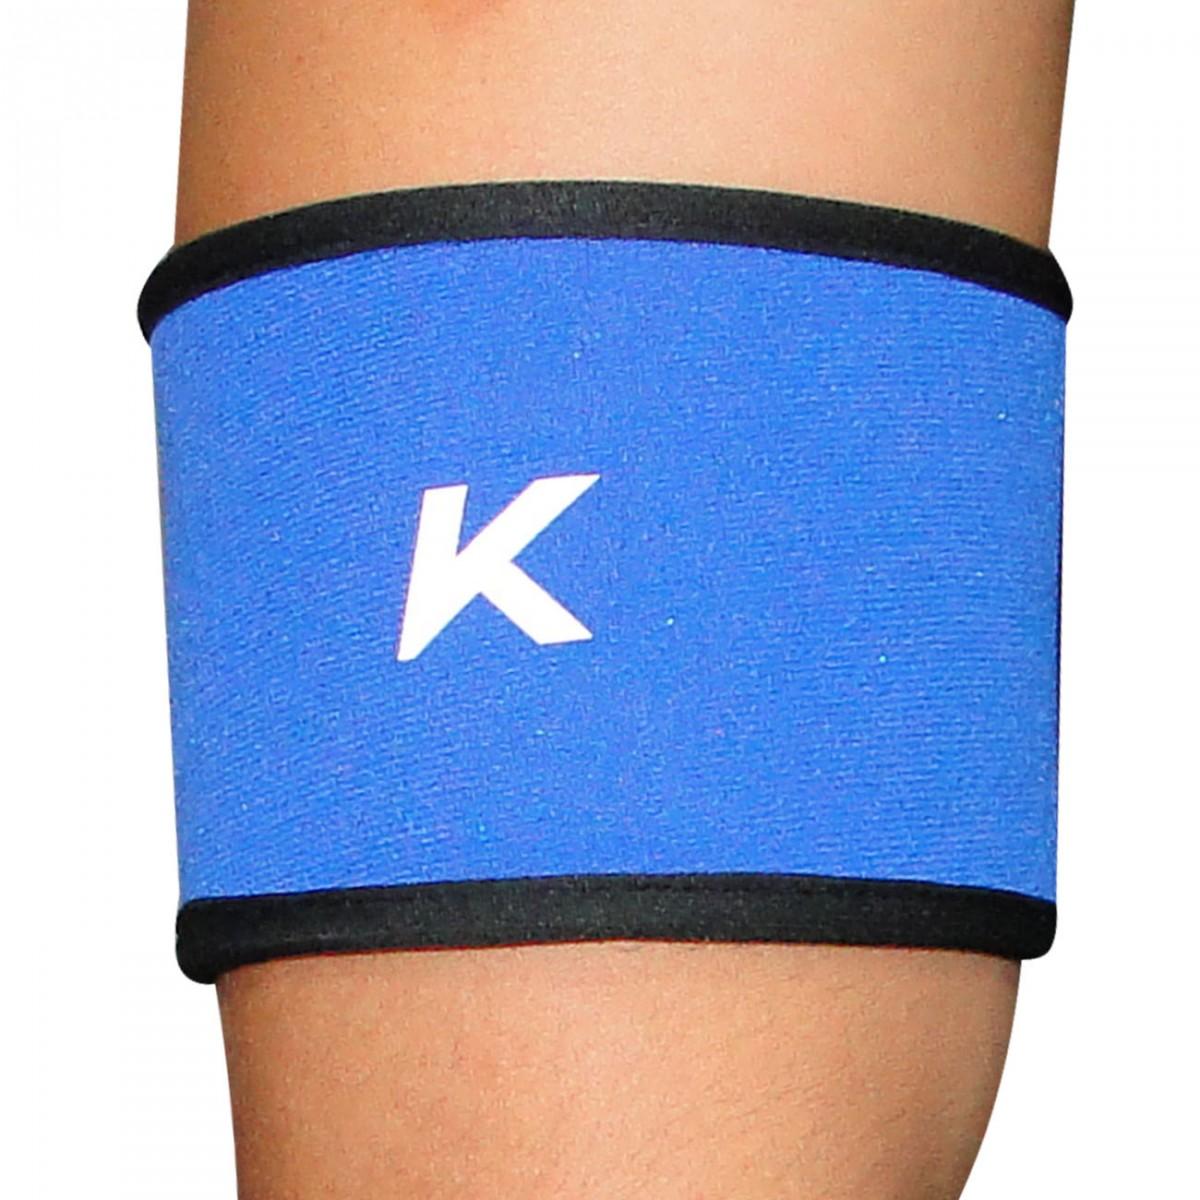 031661b7e540c FAIXA CAPITÃO KANXA REF.1189 1189 - Preto/Azul - Chuteira Nike ...